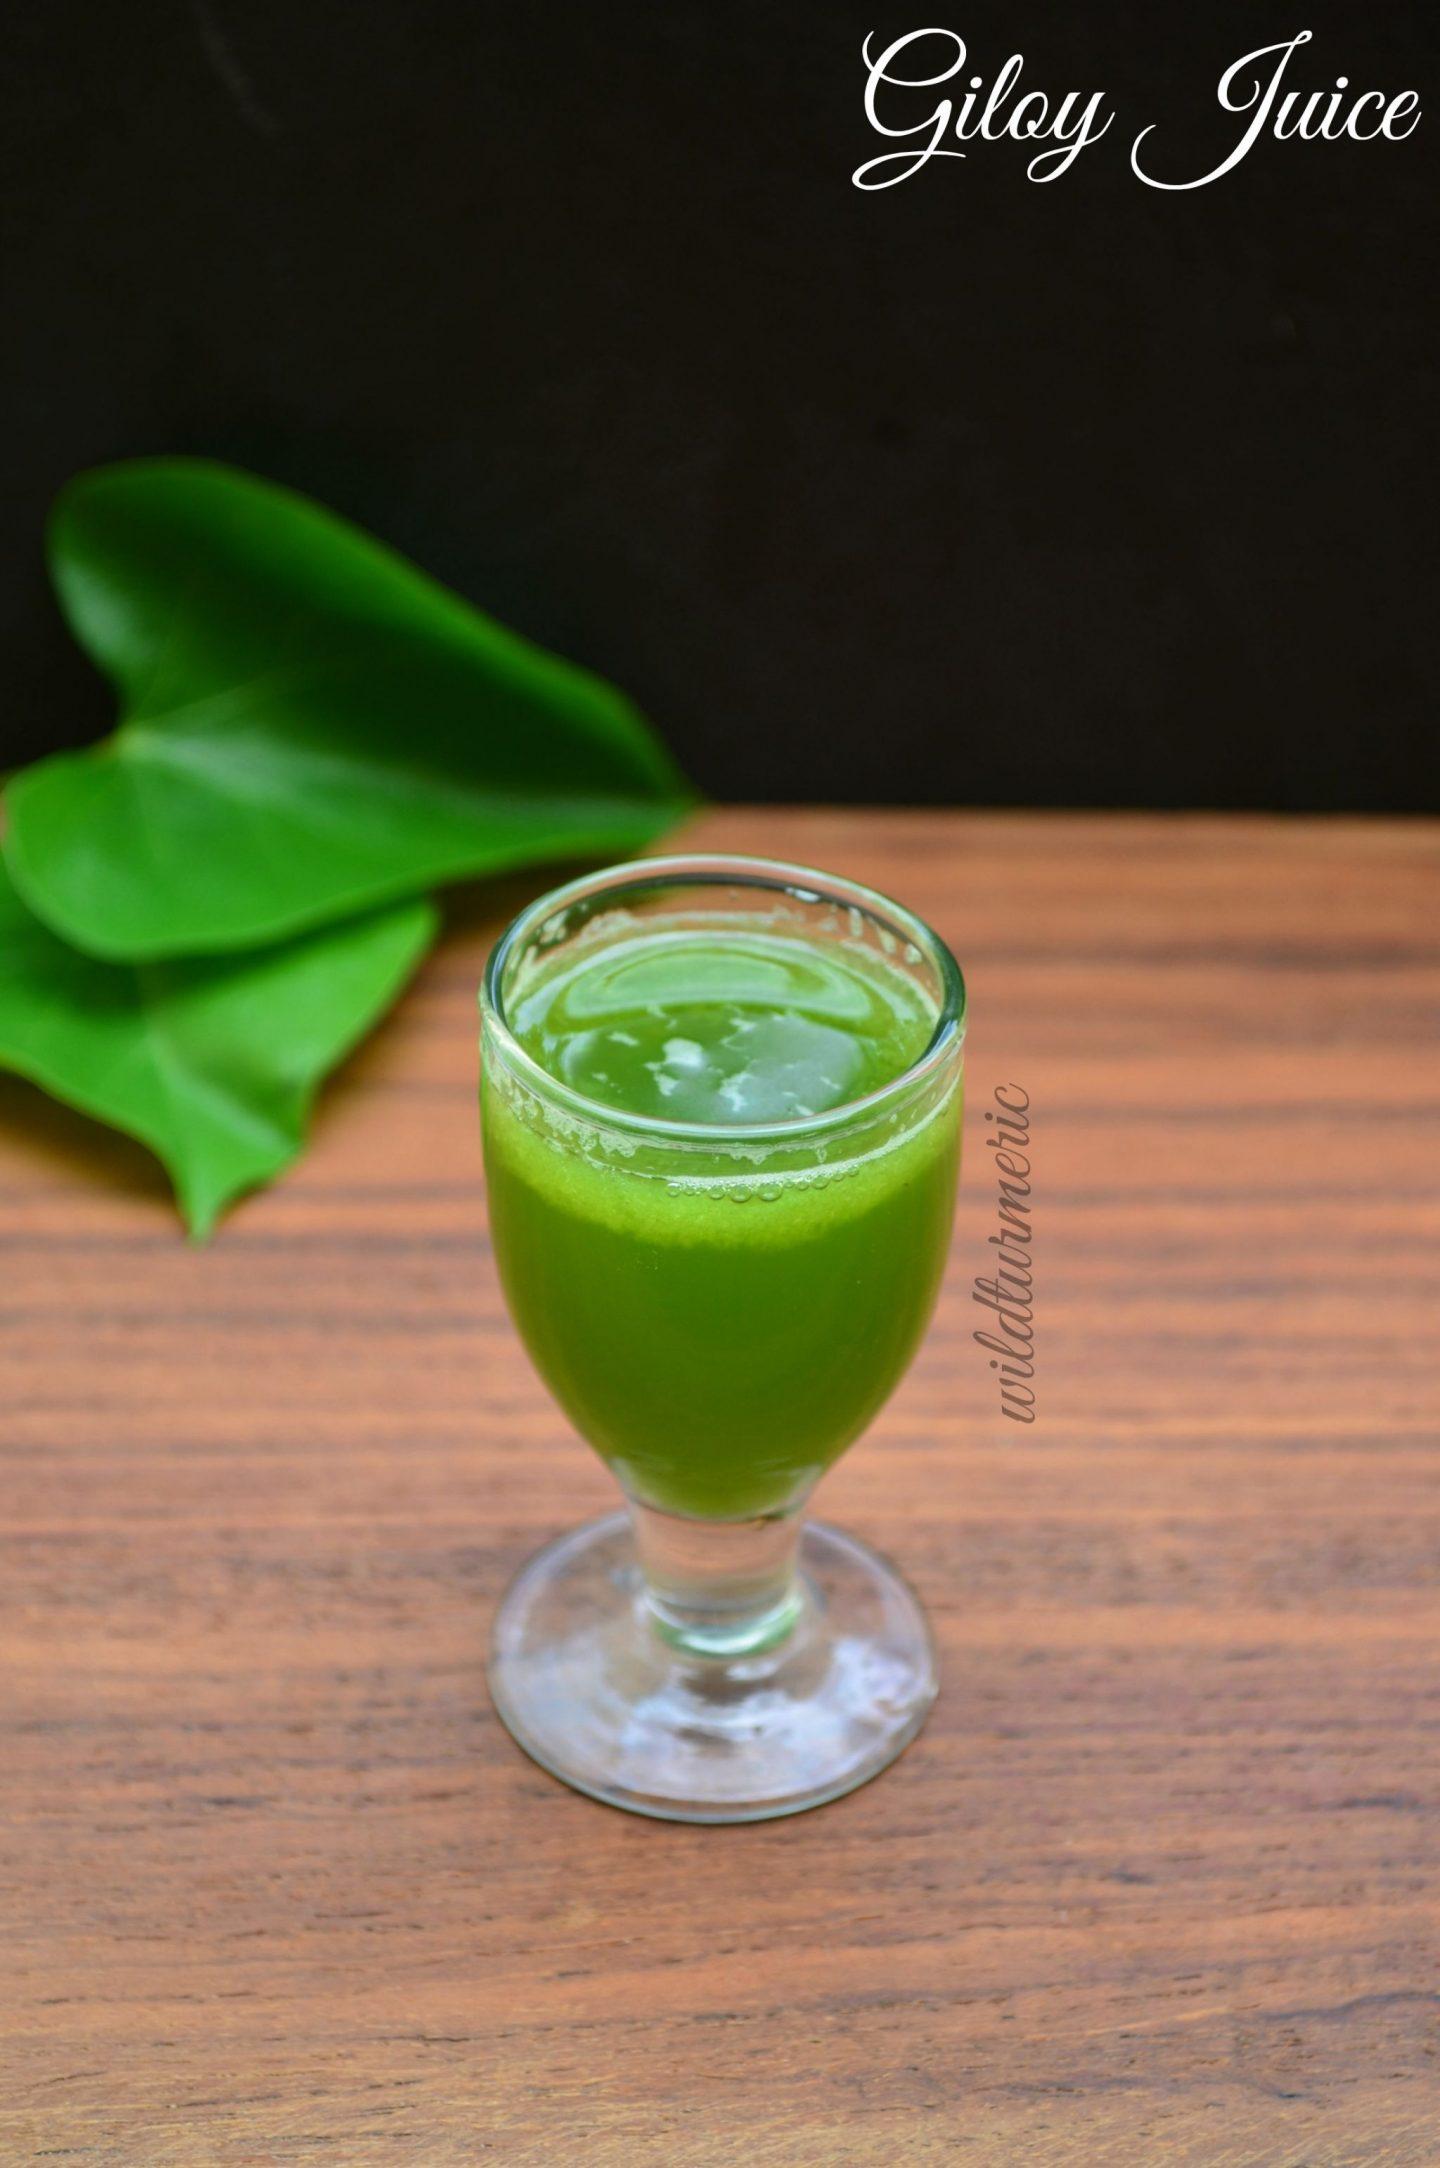 giloy juice health benefits